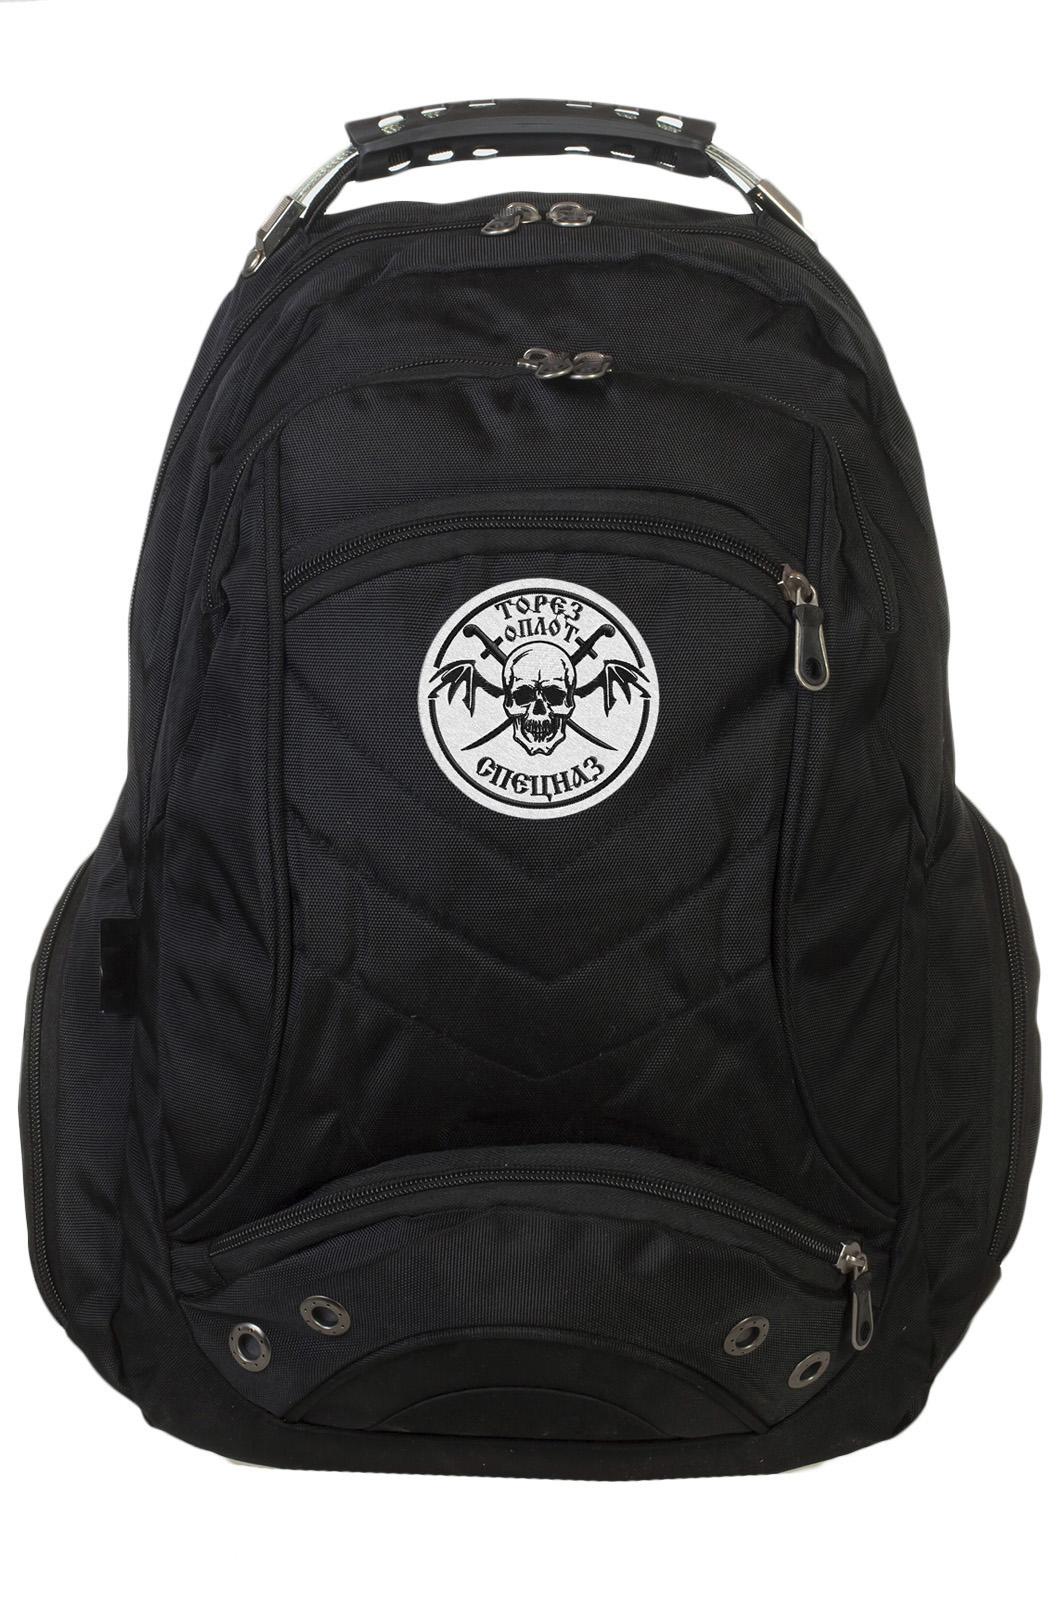 Черный рюкзак с символичным шевроном Торез Оплот Спецназ